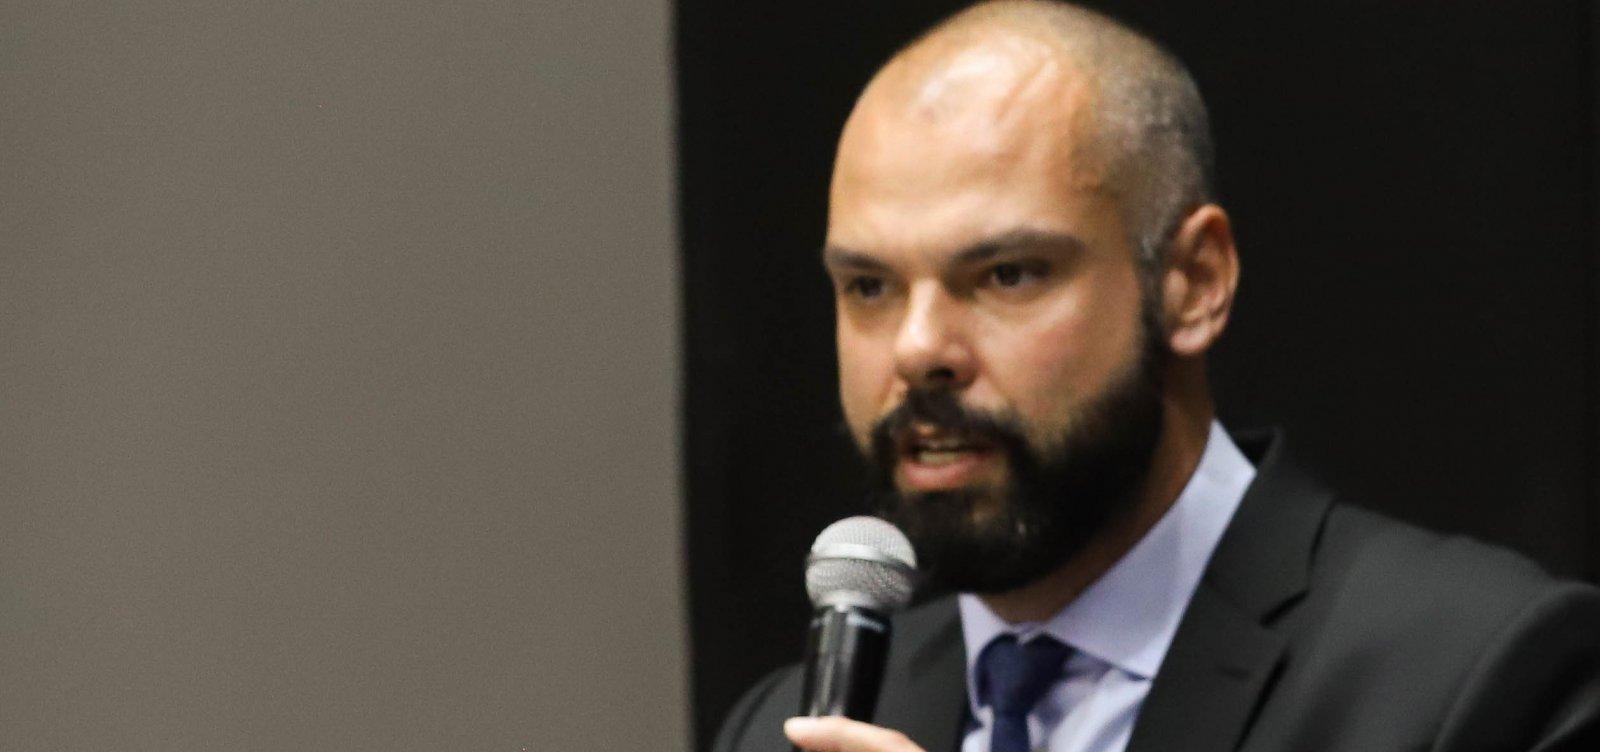 'Vou vencer esse desafio', diz Bruno Covas após diagnóstico de tumor